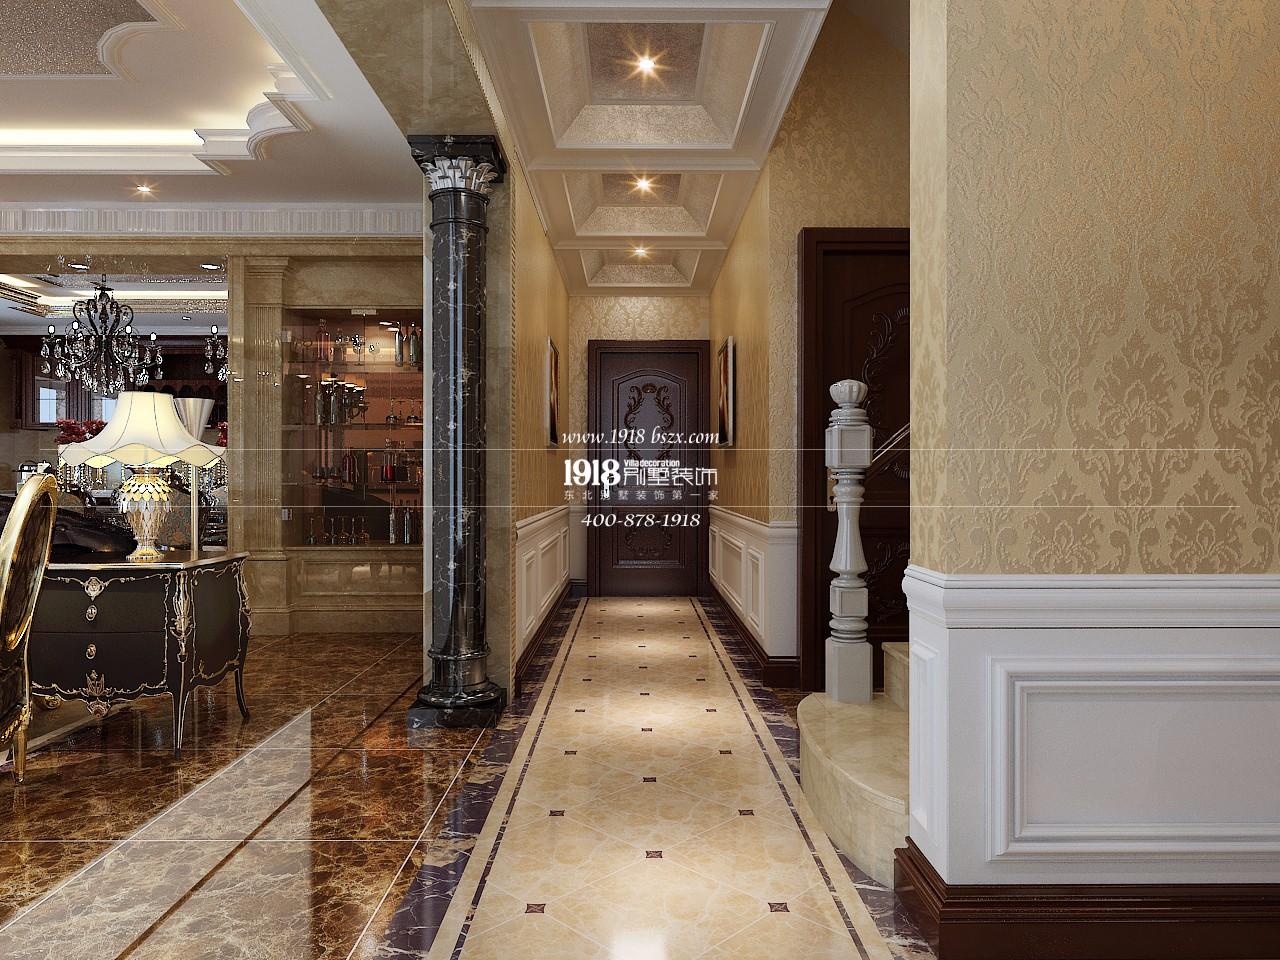 辅材/欧式石膏线,石膏板,木质雕花,木线条,镜子. 6.图片